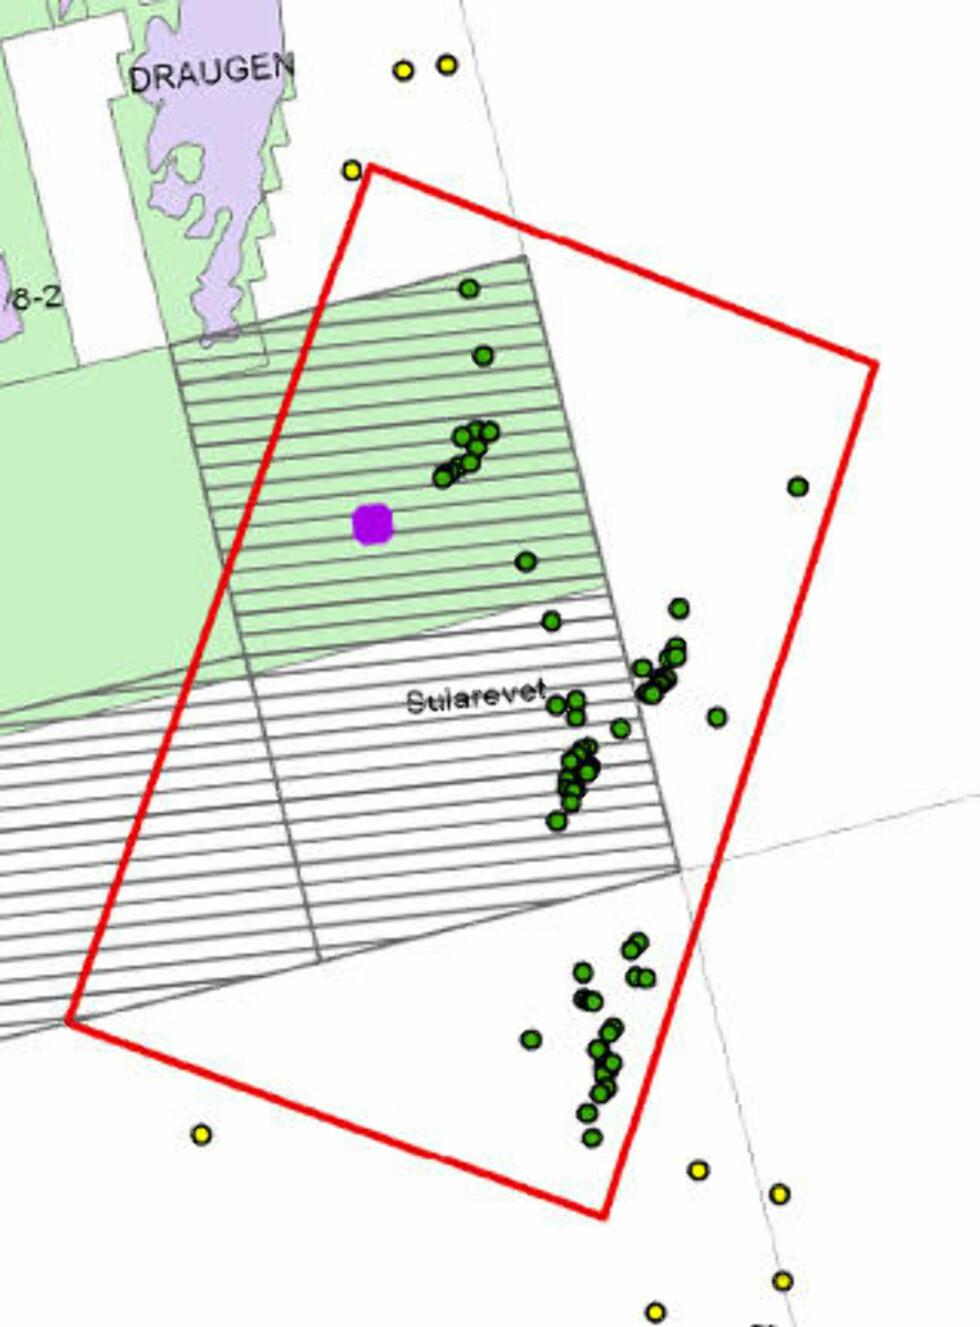 <strong>HER LIGGER KORALLENE:</strong> Sula korallvernområde (rød ramme) slik det er nedfelt i Korallforskriften fra 1999. De grønne punktene er de hittil registrerte store korallrevene. Det lilla området er foreslått for leteboring. KART: Havforskningsinstituttet